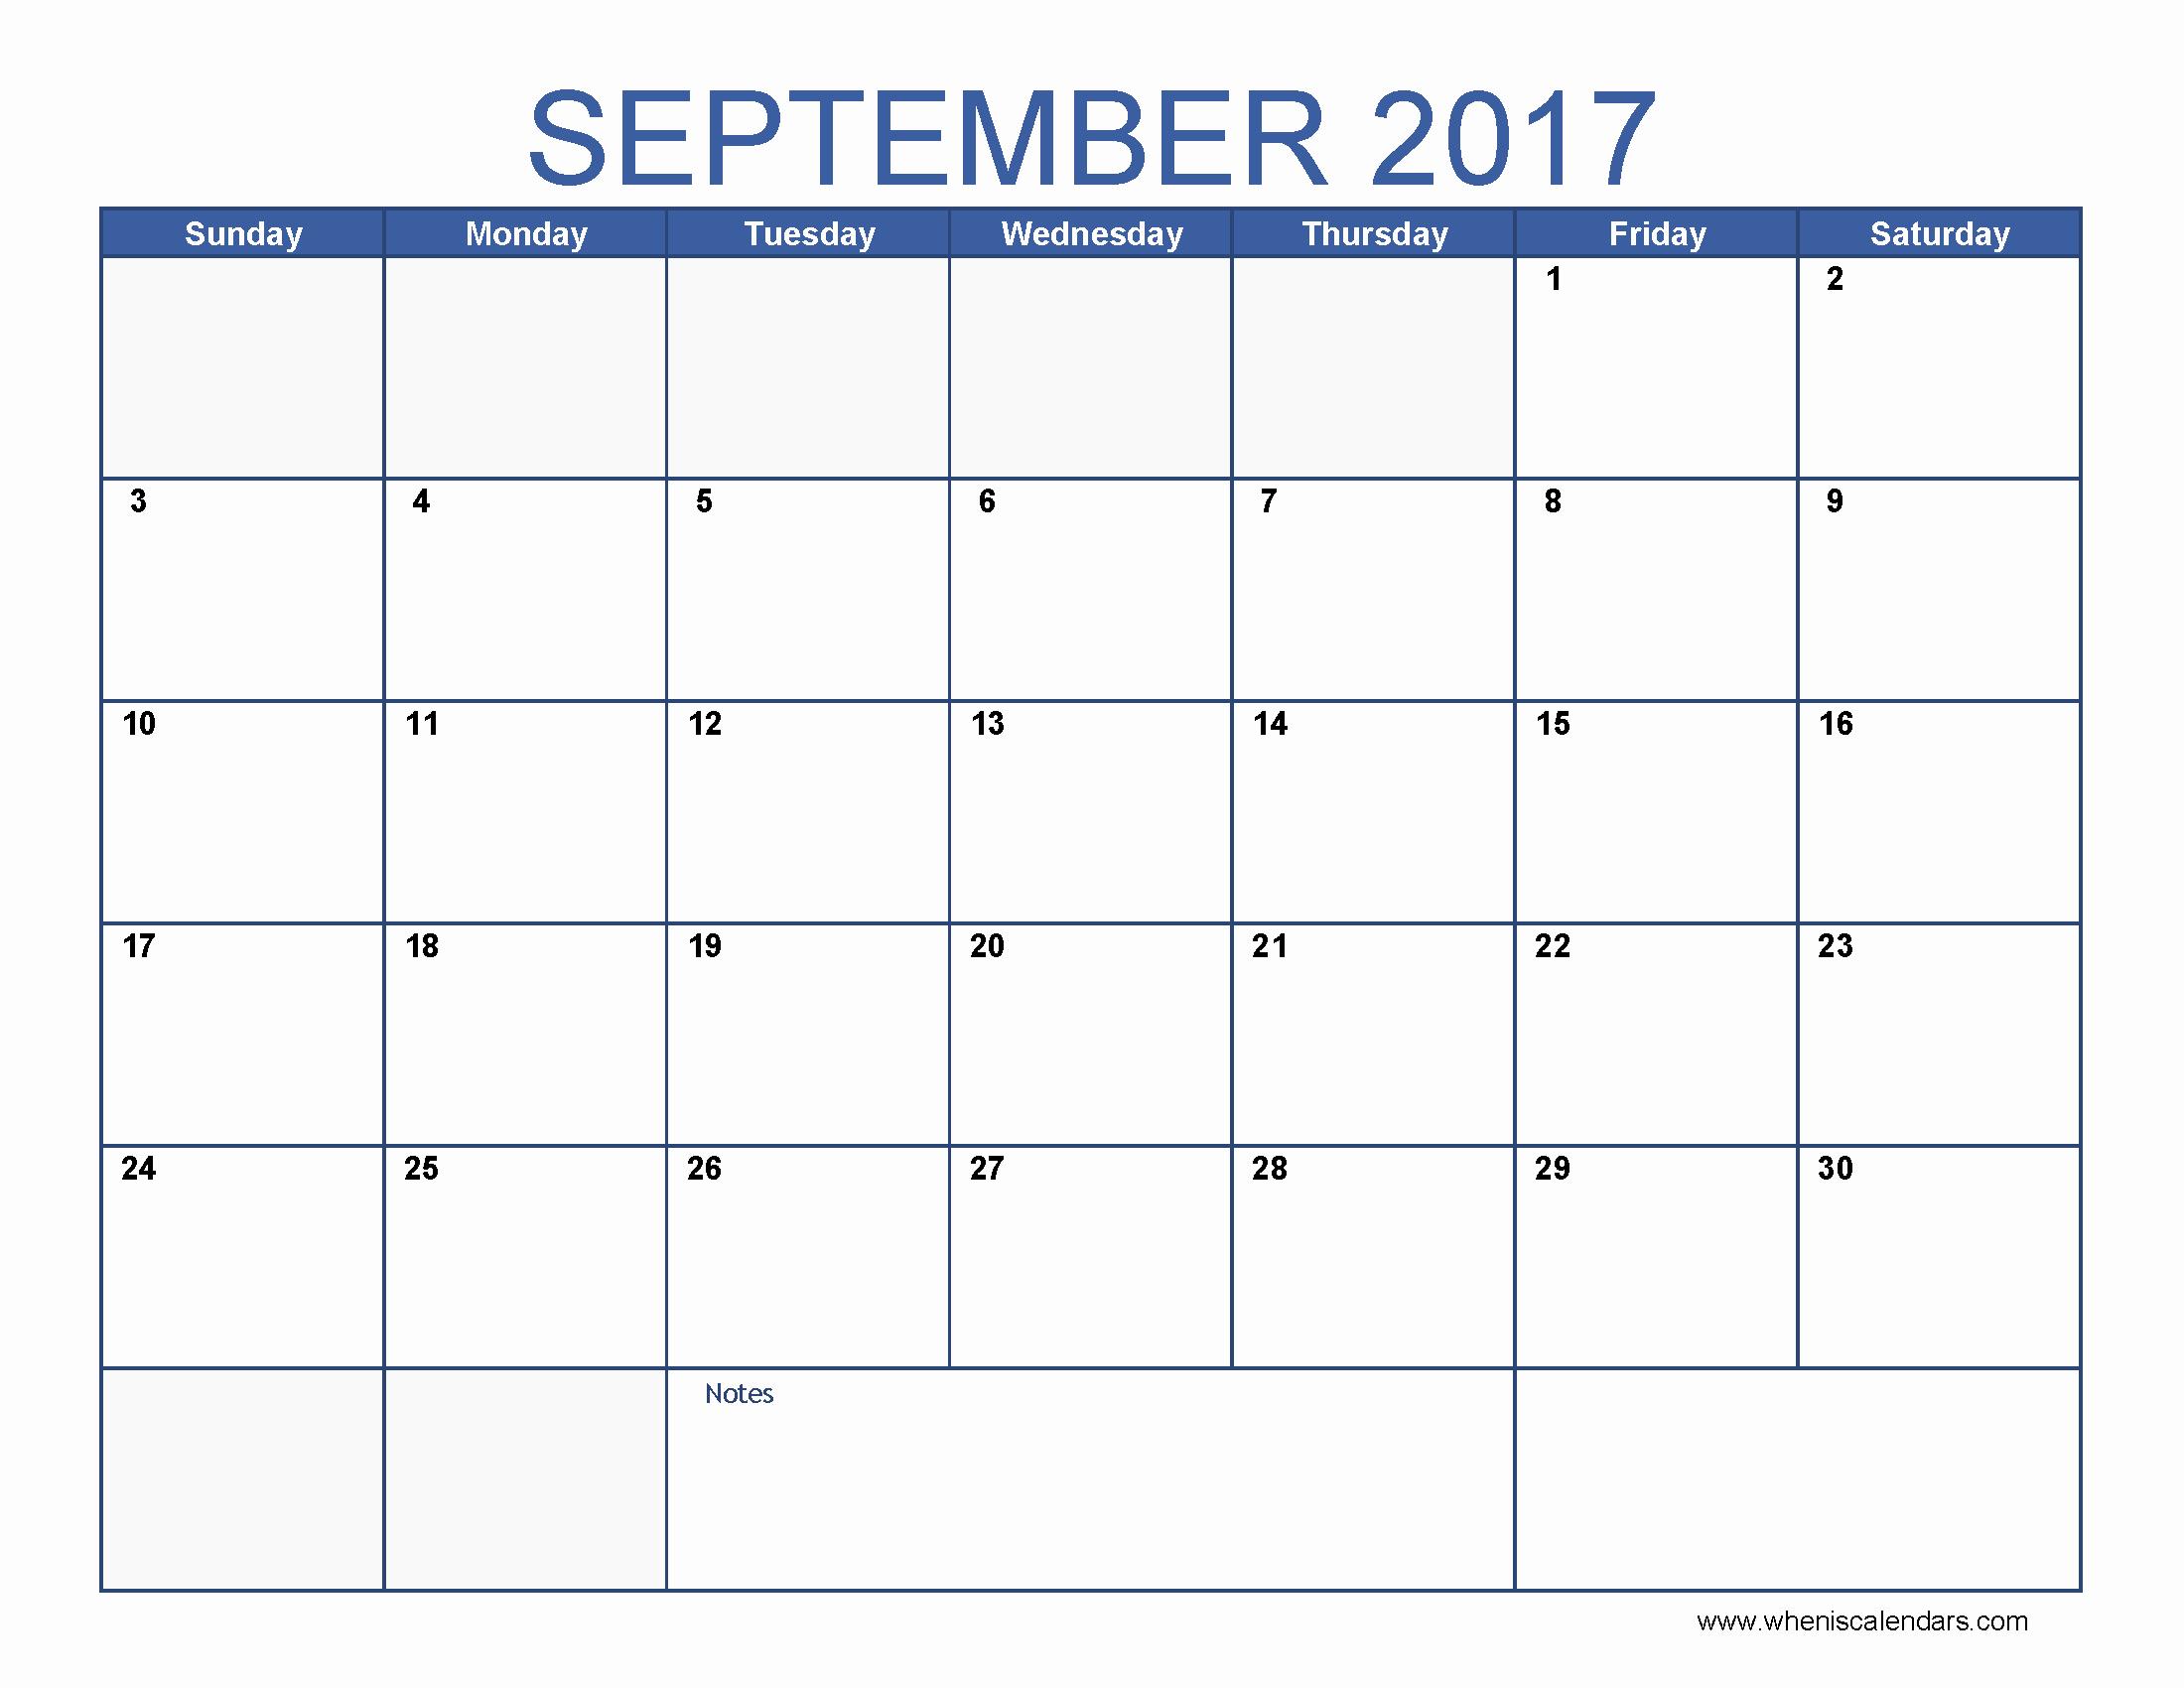 2017 Calendar Month by Month Luxury September 2017 Calendar Template